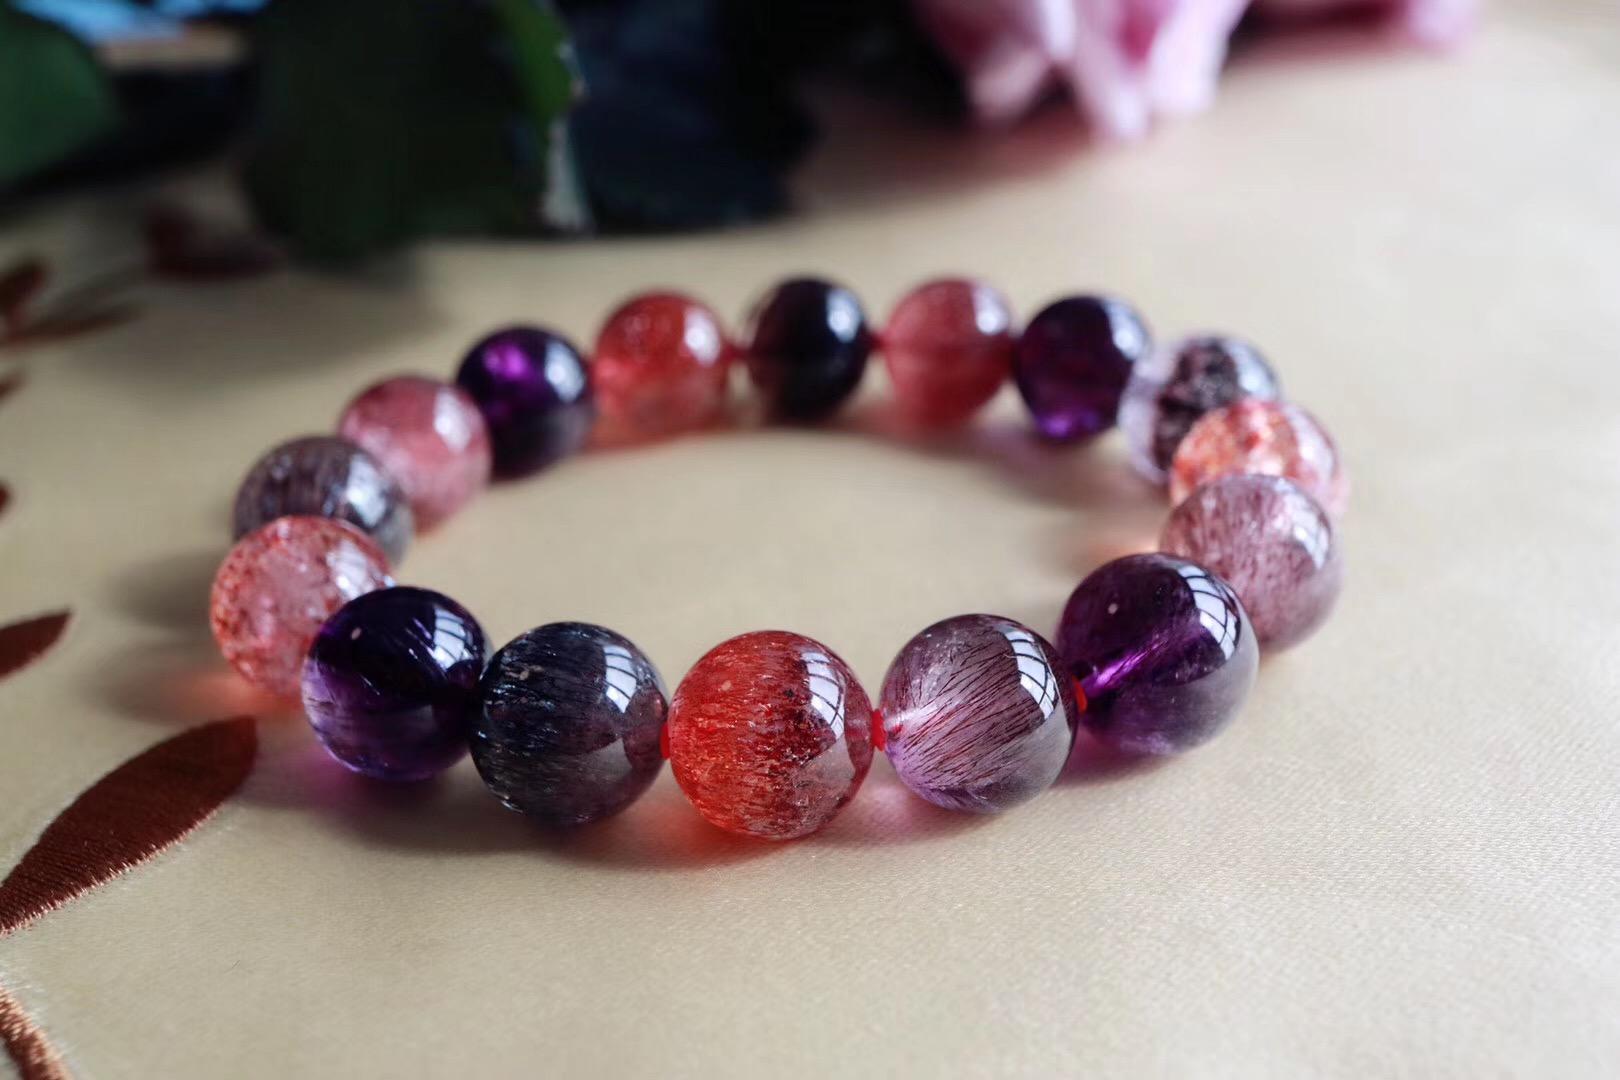 【超七紫发晶】 紫发晶具有强大的磁场-菩心晶舍